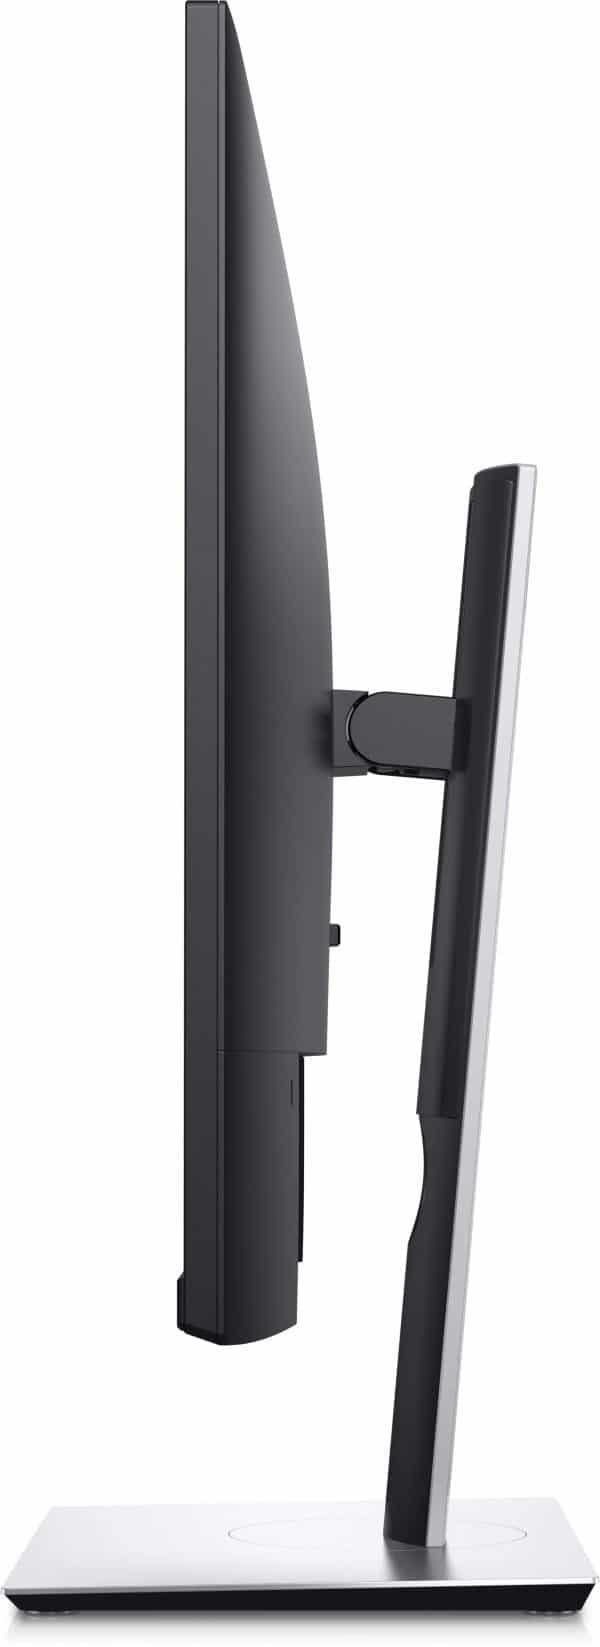 P2419H-monitor-con-diseño-de-gestión-de-cables-mejorados